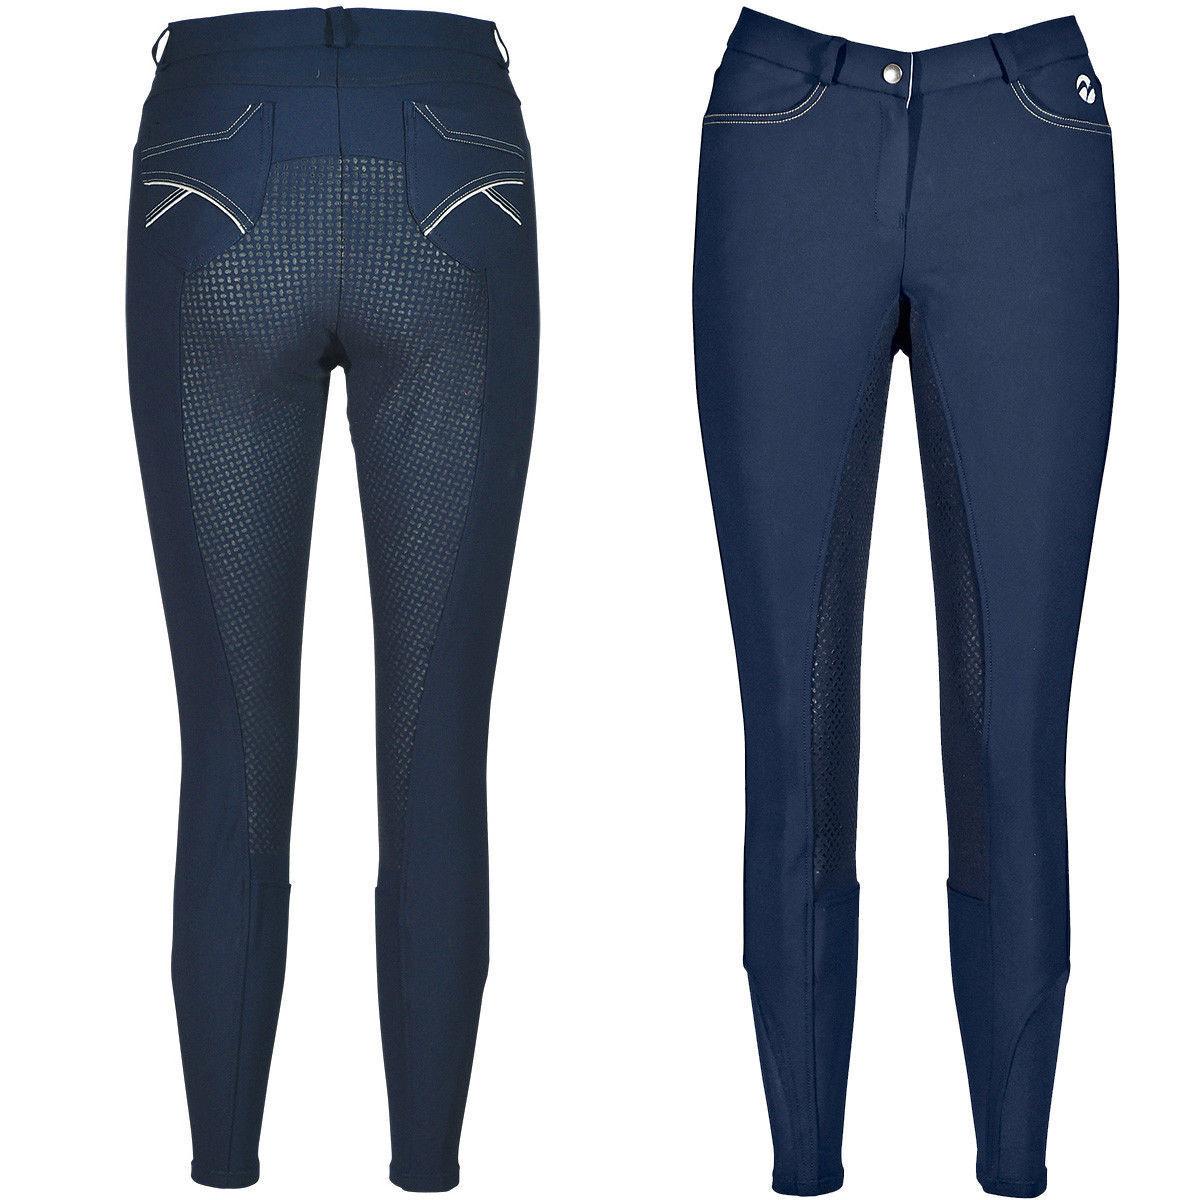 Busse Pantaloni Equitazione per Donna Alicante Pieno Blu Marino 38